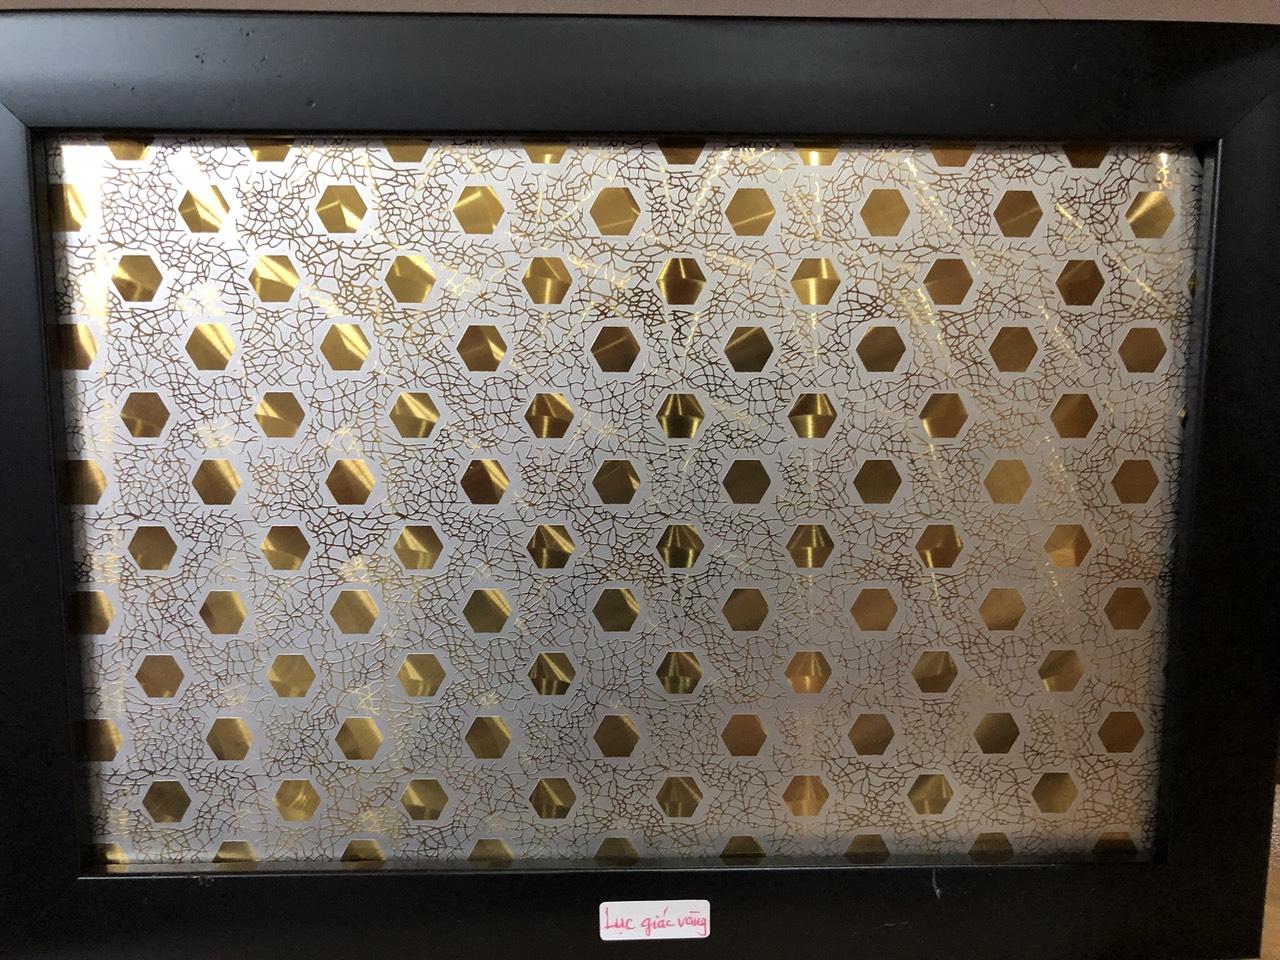 Inox Màu hình lục giác vàng